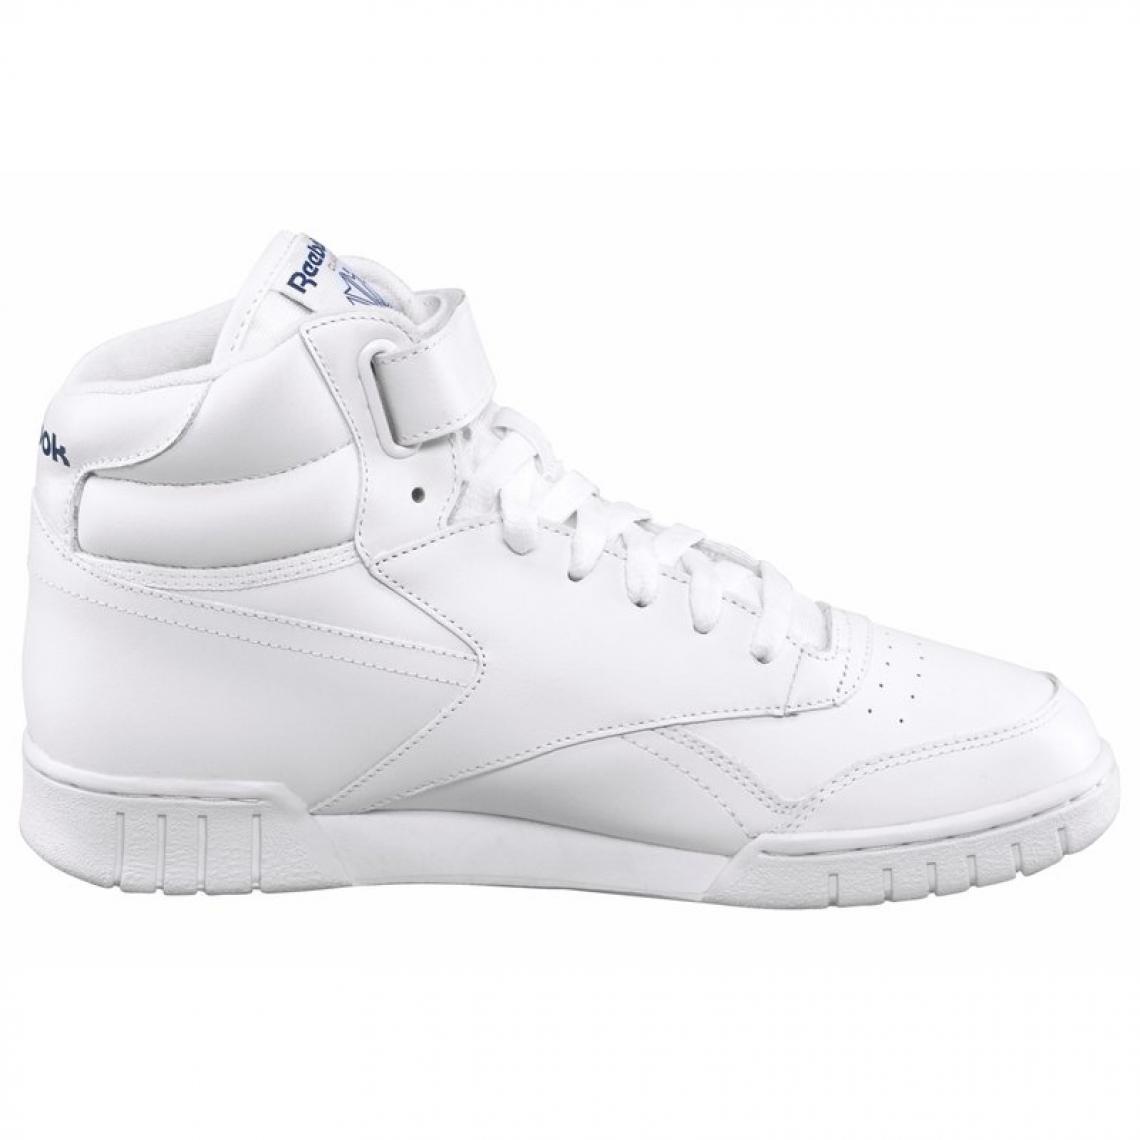 c5058c7f8ce Reebok Ex-O-Fit Hi sneakers montantes cuir à scratch homme - Blanc Baskets